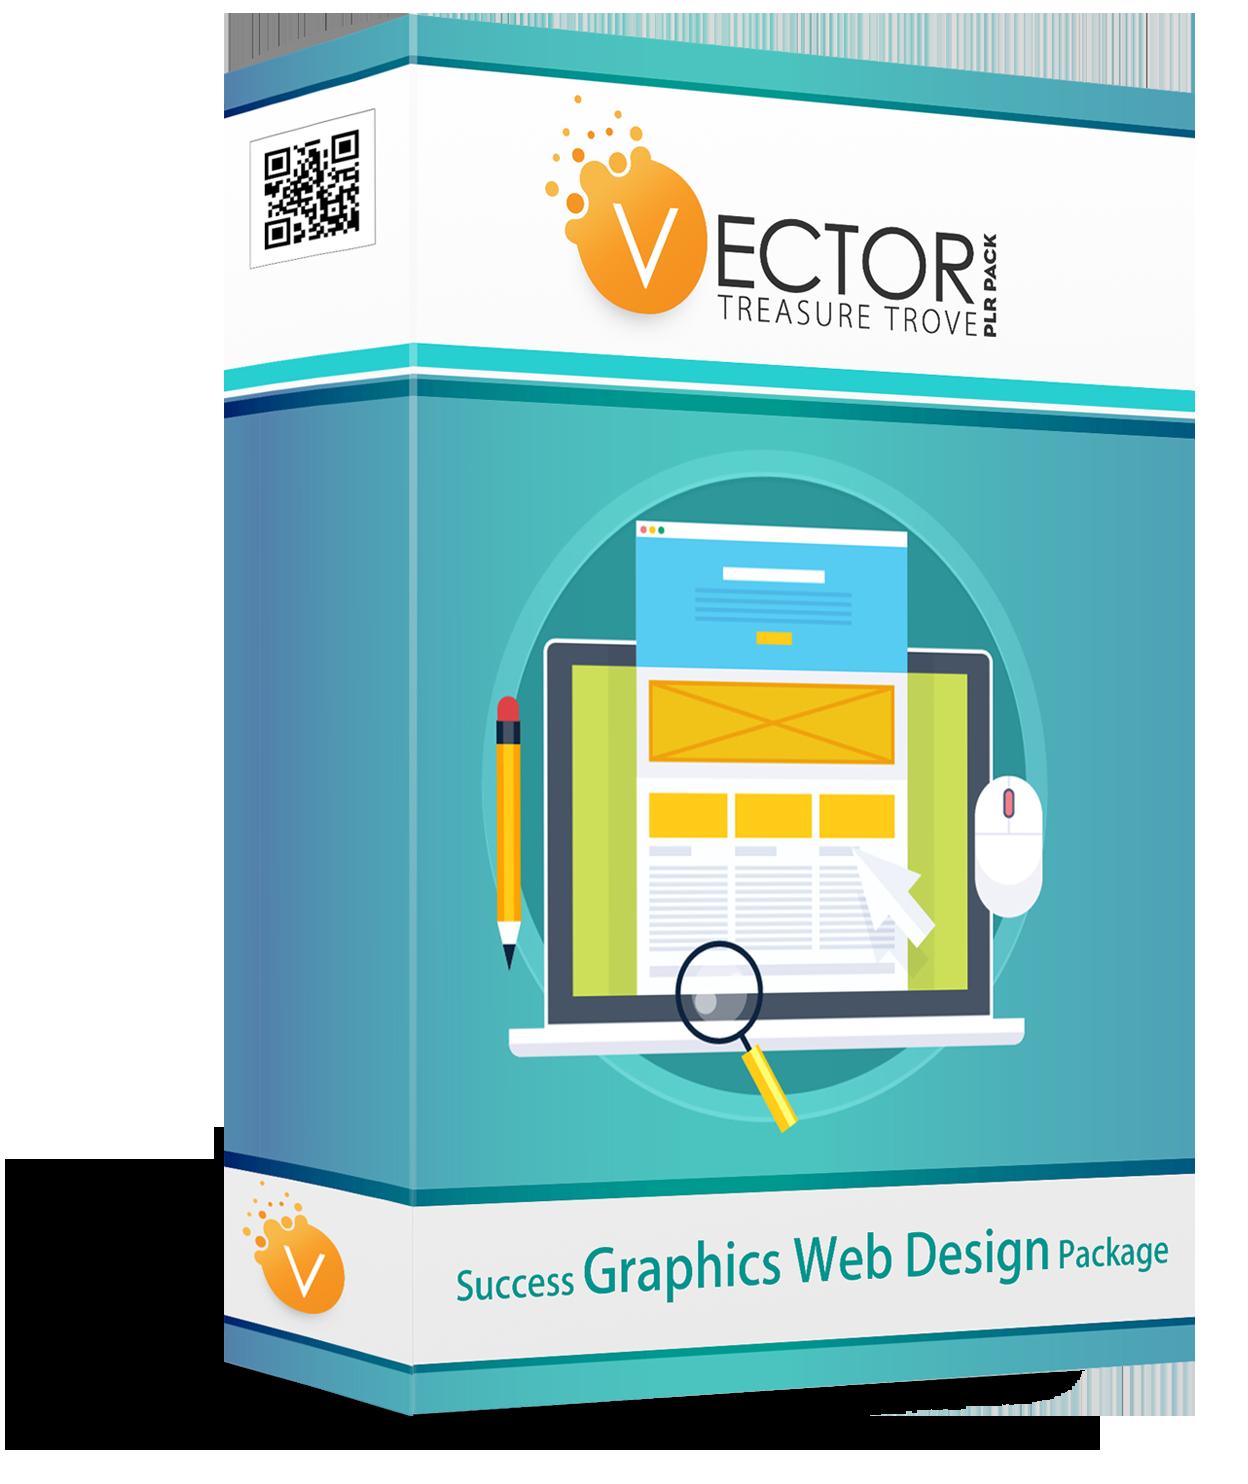 成功图形Web设计包